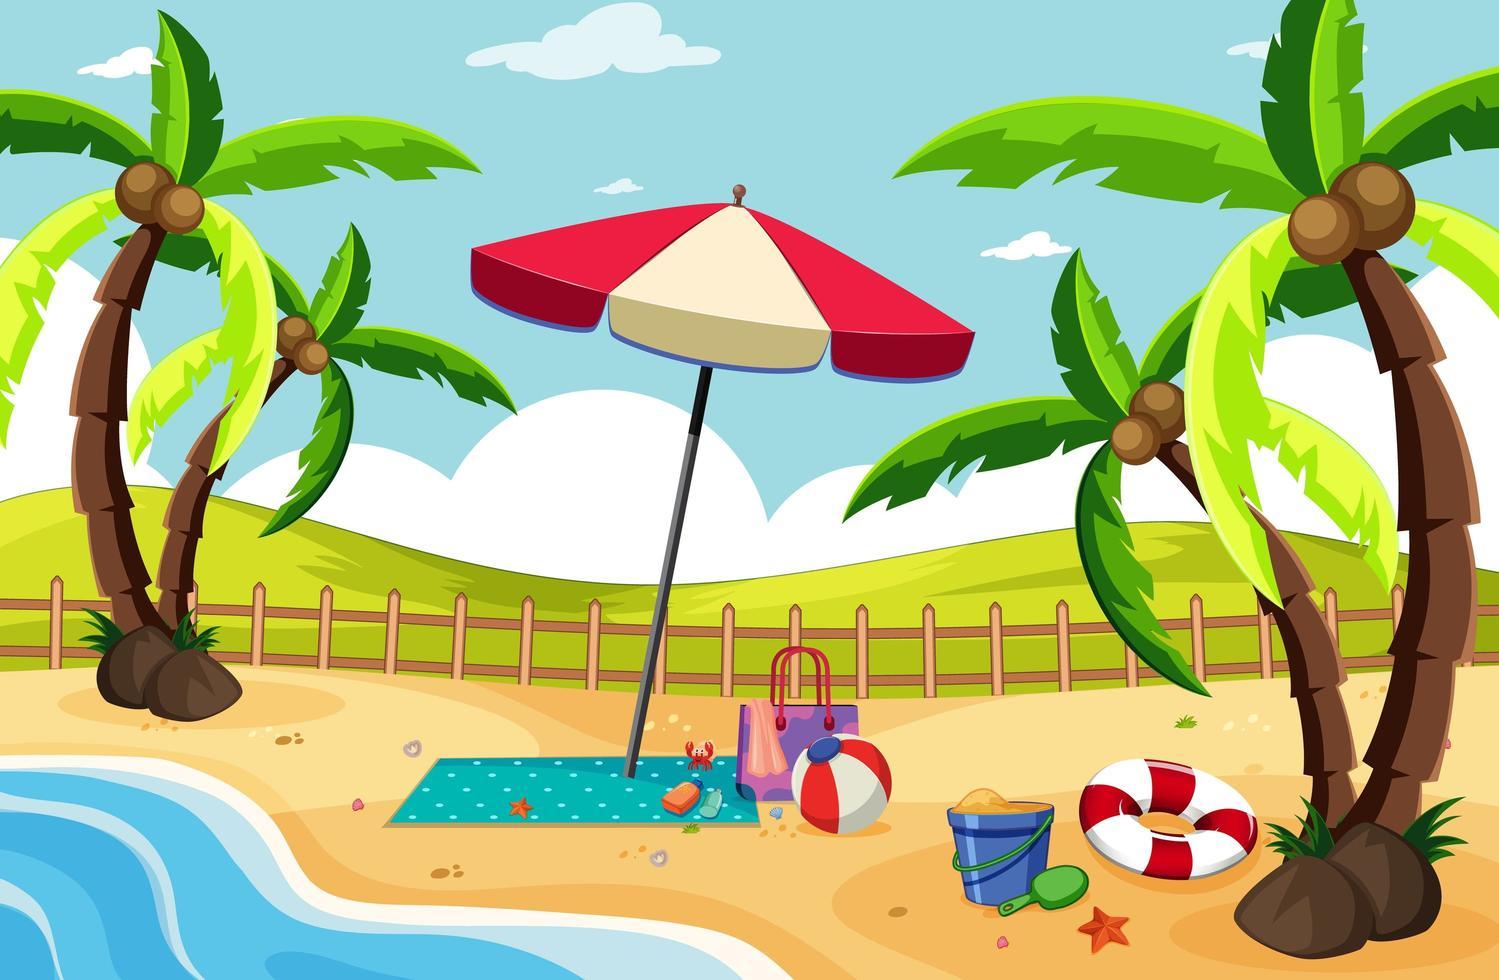 fond de paysage de plage tropicale vecteur